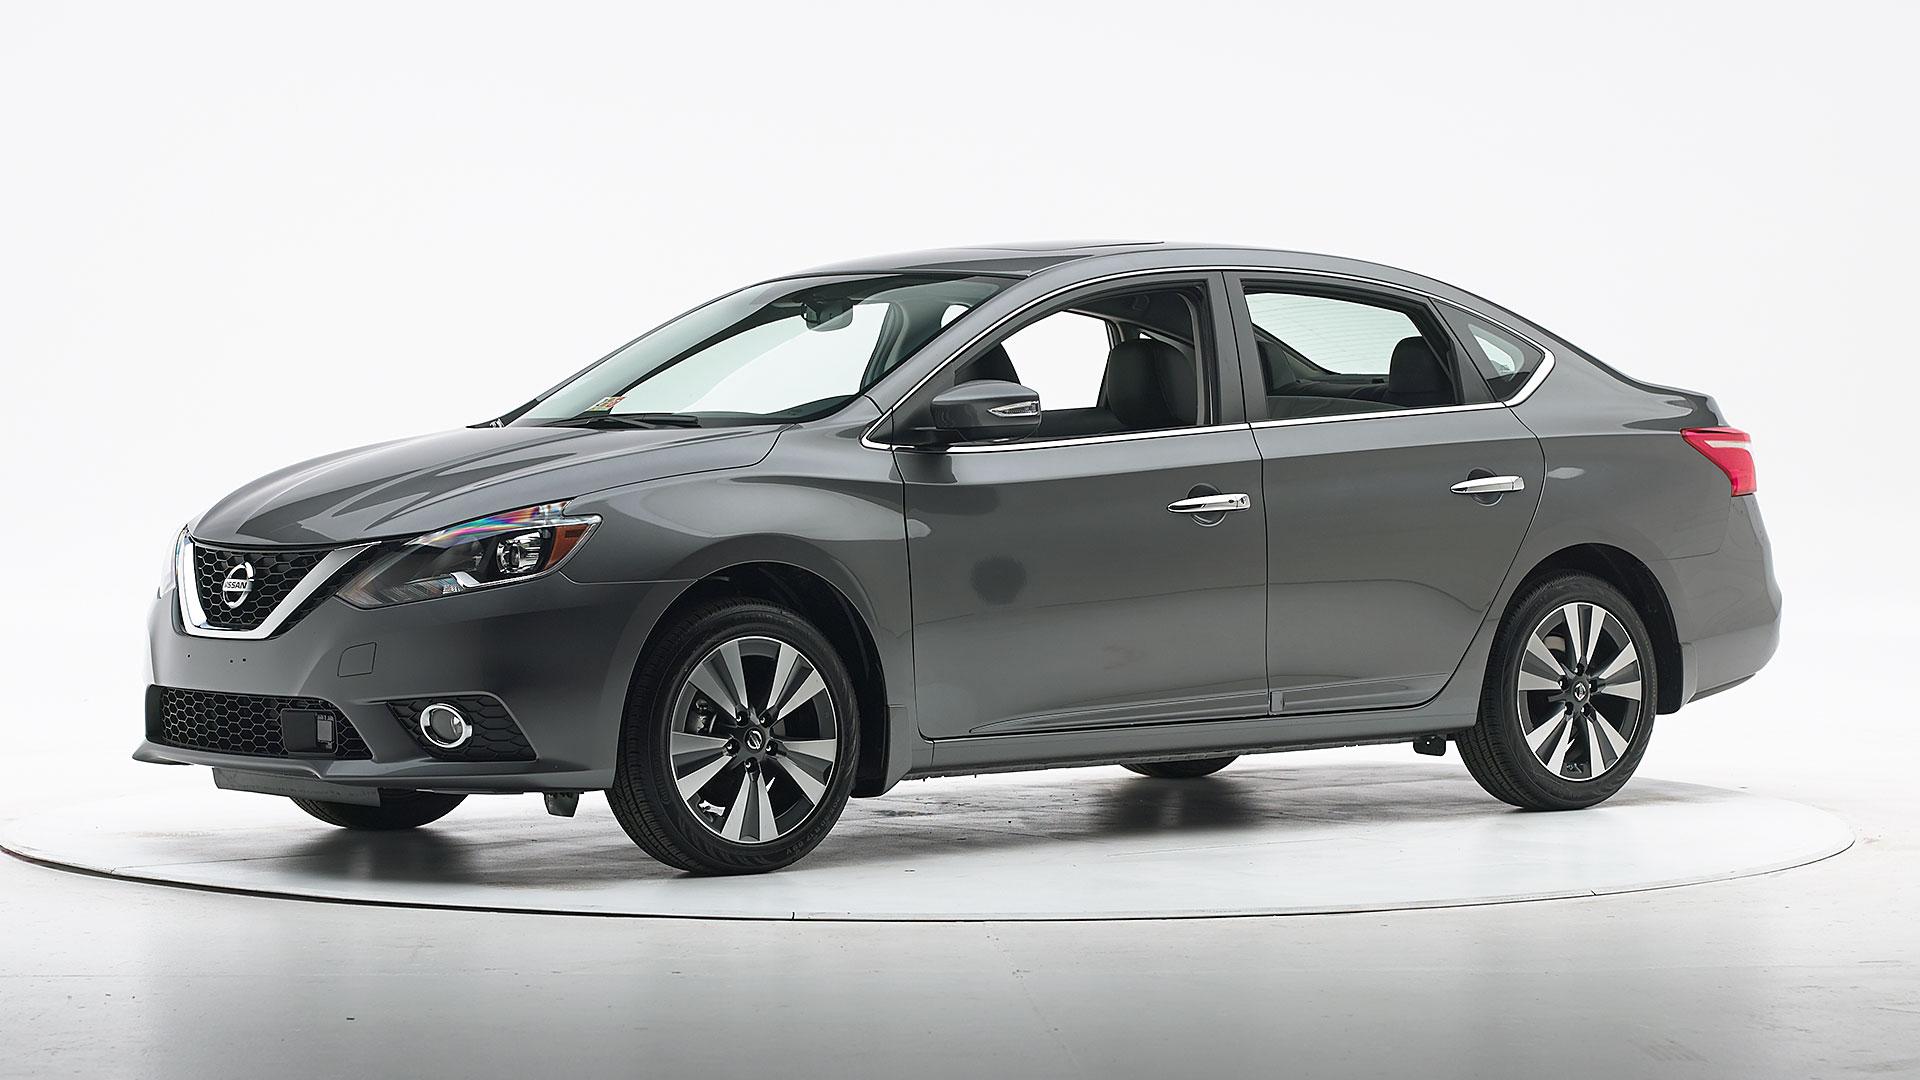 2016 Nissan Sentra 4 Door Sedan